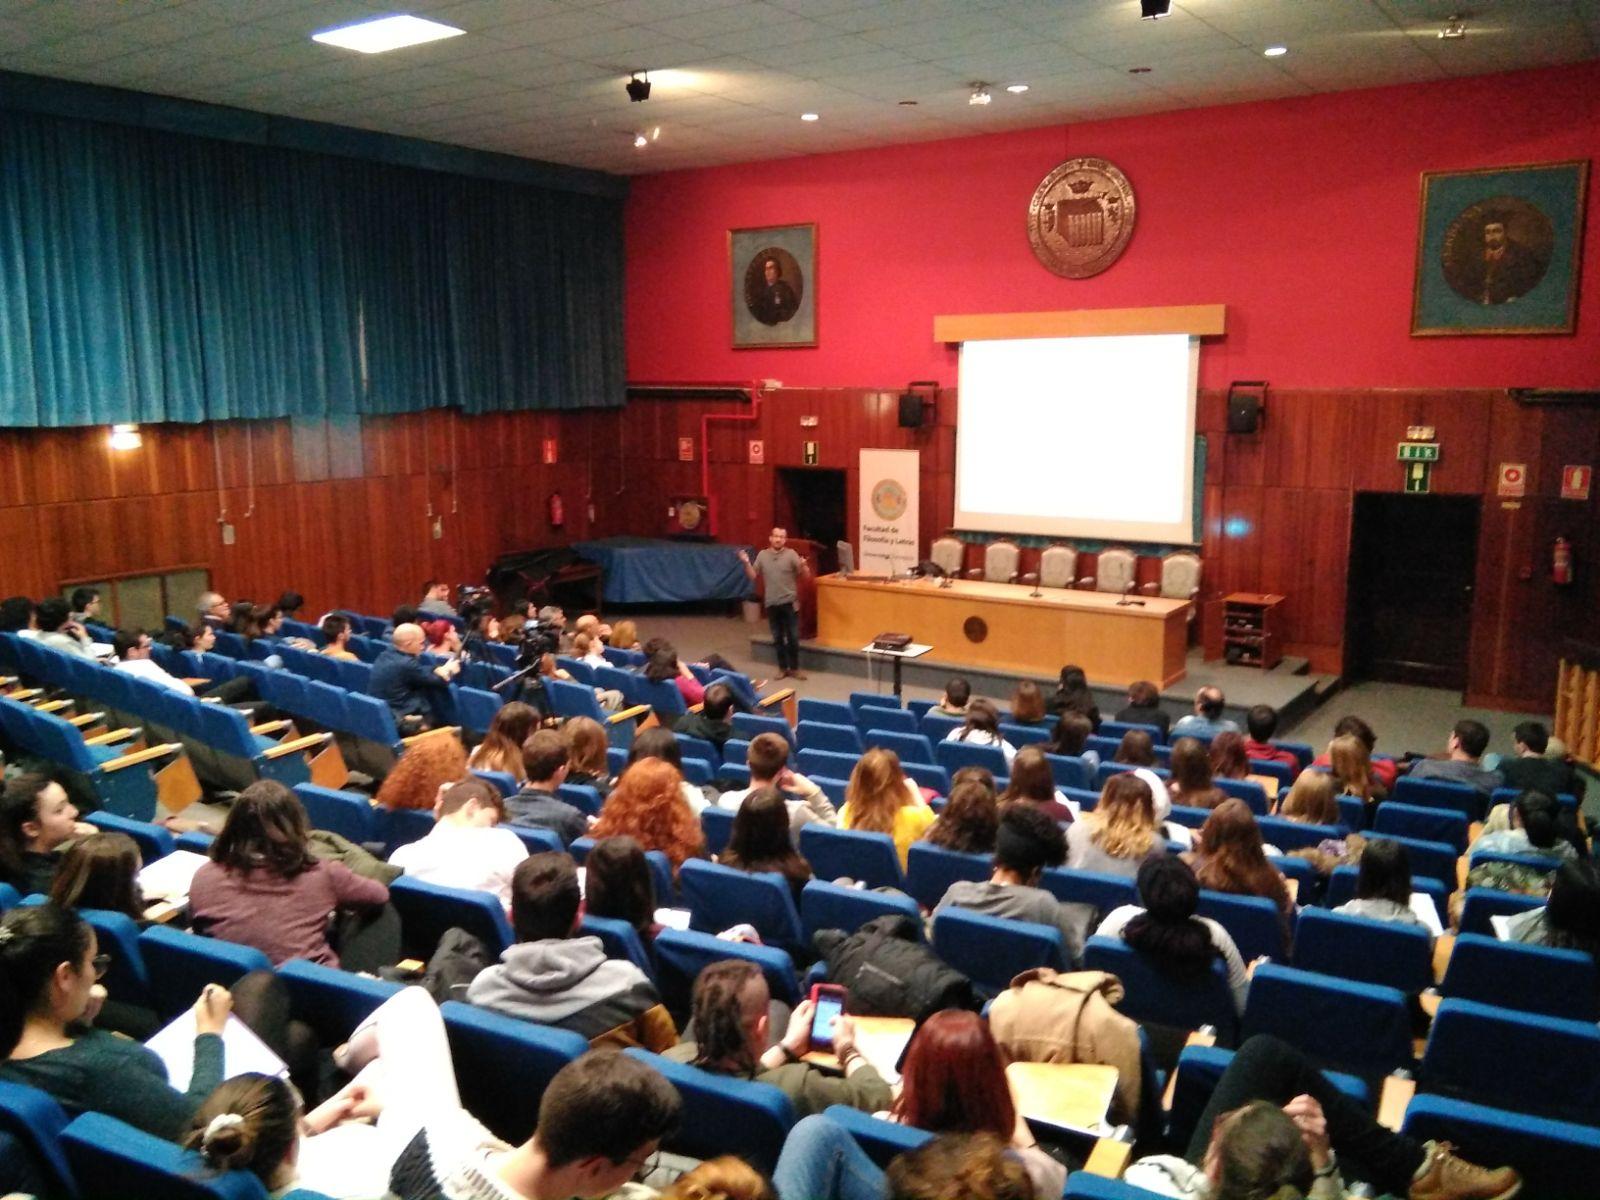 Ponència de Natxo Sorolla a la Facultat de Filosofia i Lletres de la Universitat de Saragossa